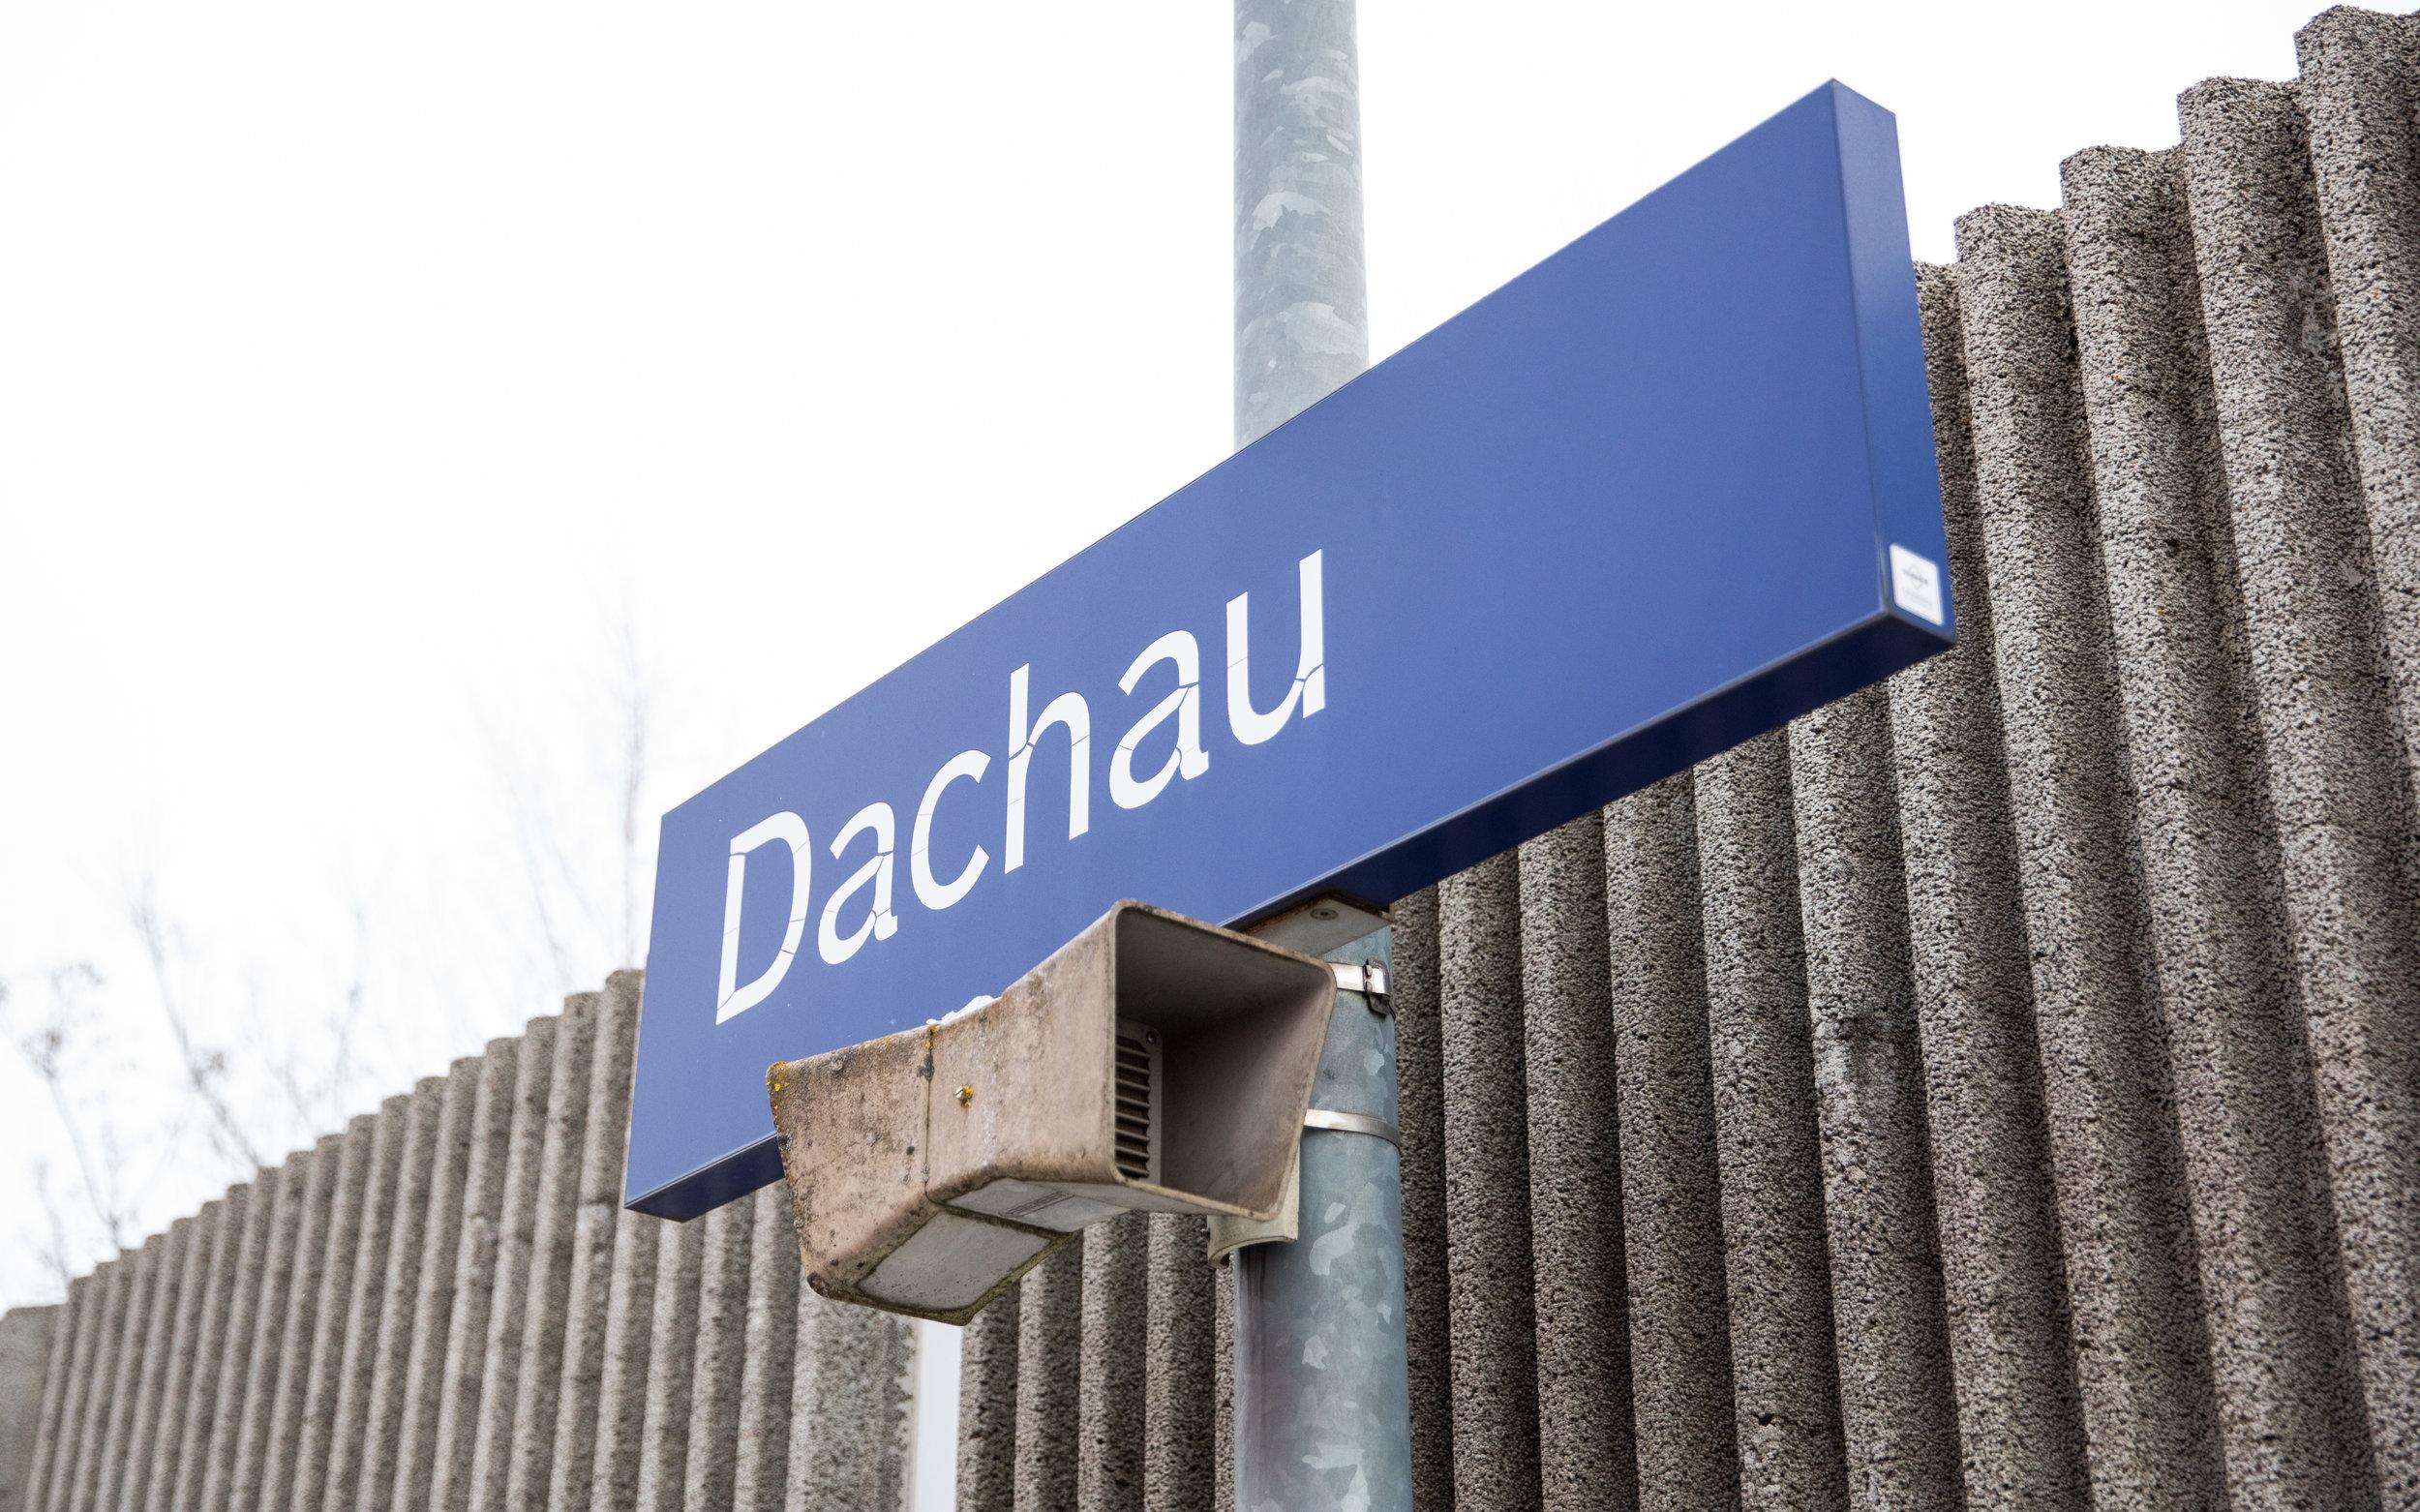 Dachau-1.jpg